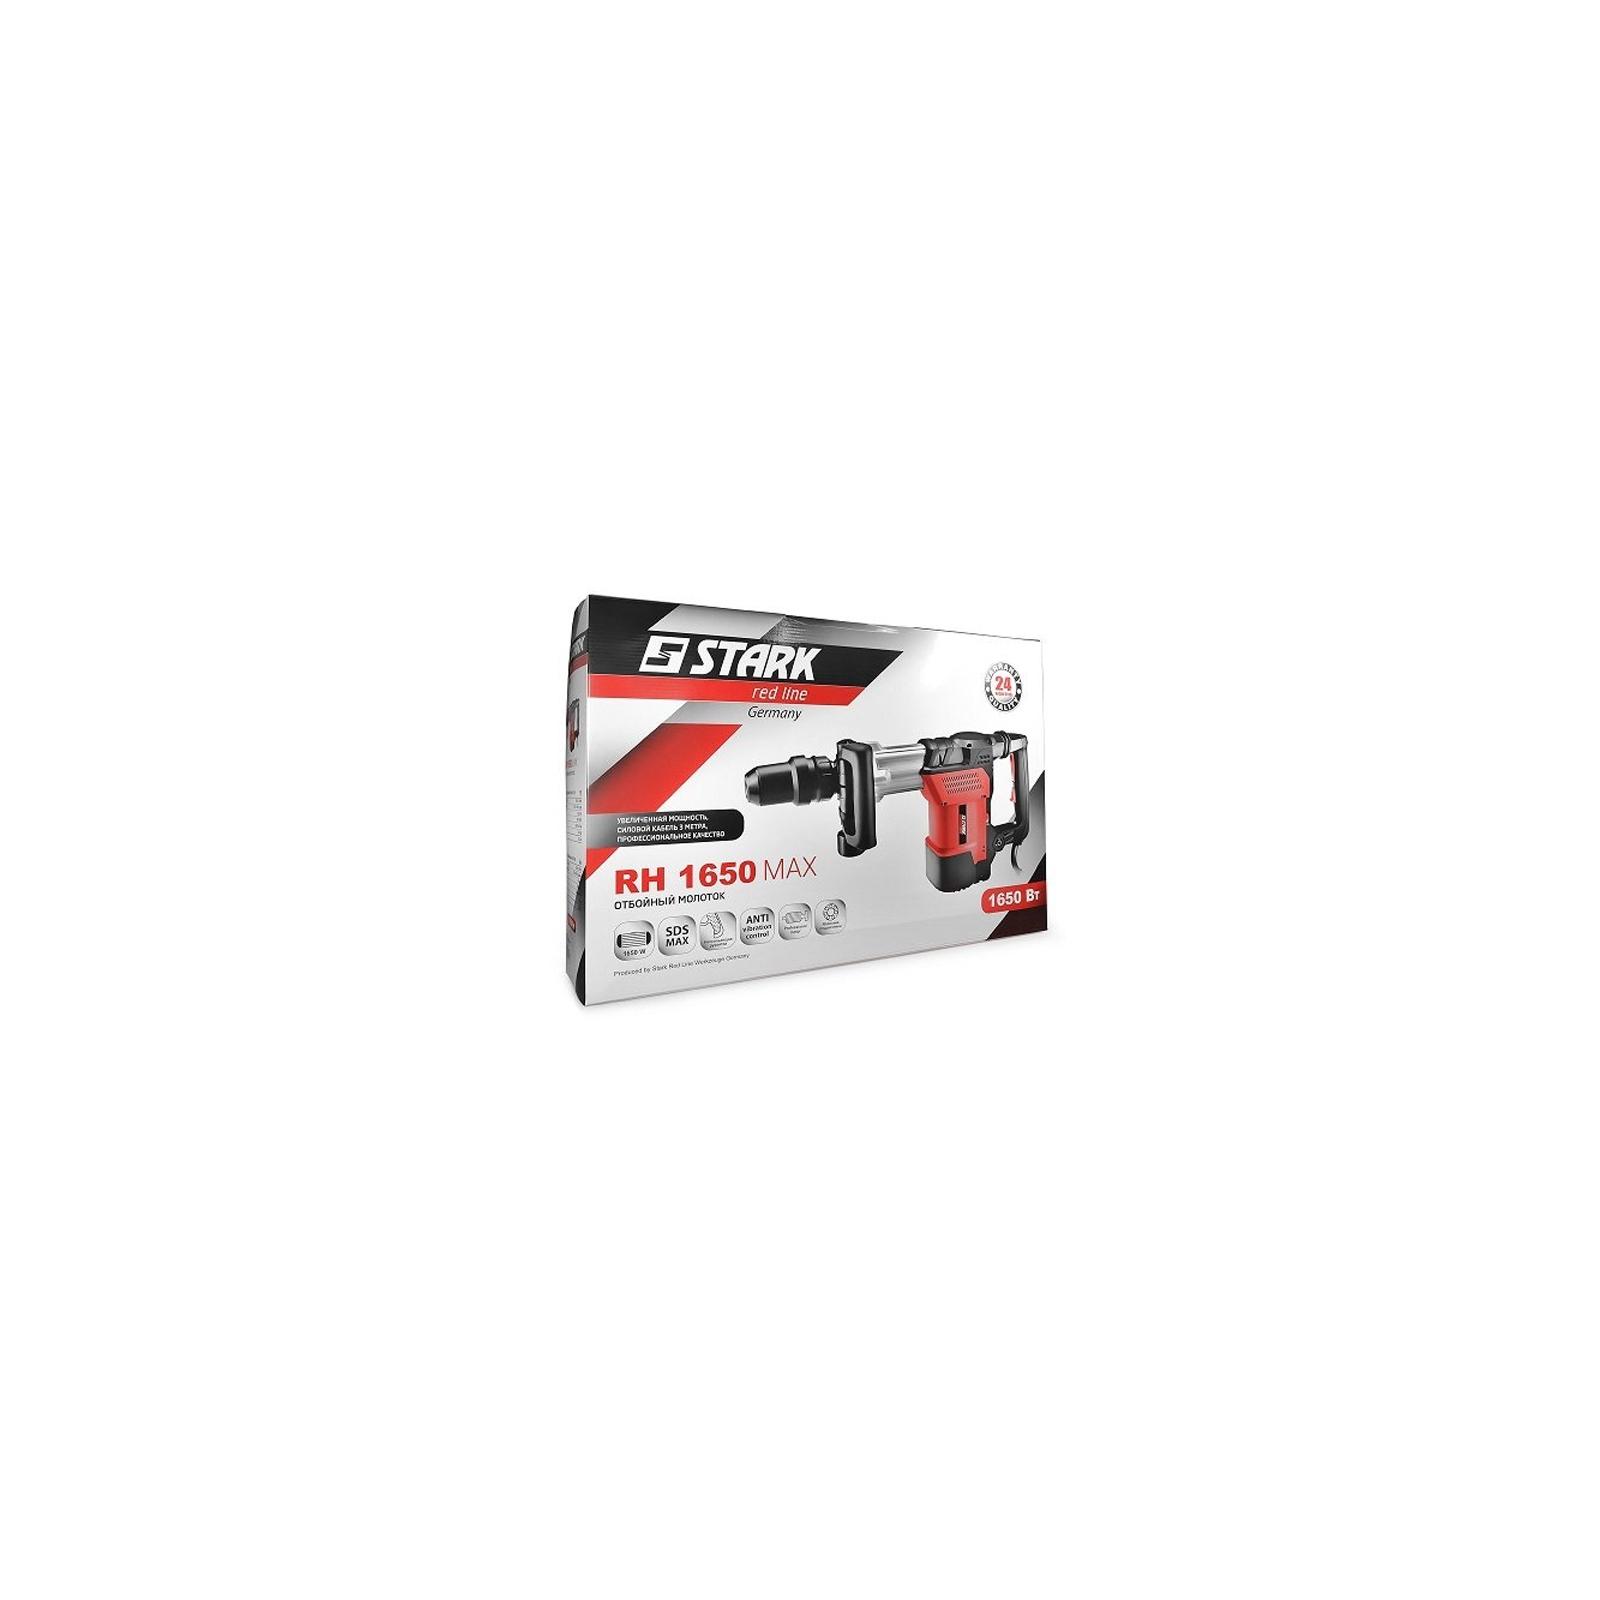 Отбойный молоток Stark RH 1650 MAX (140065030) изображение 6